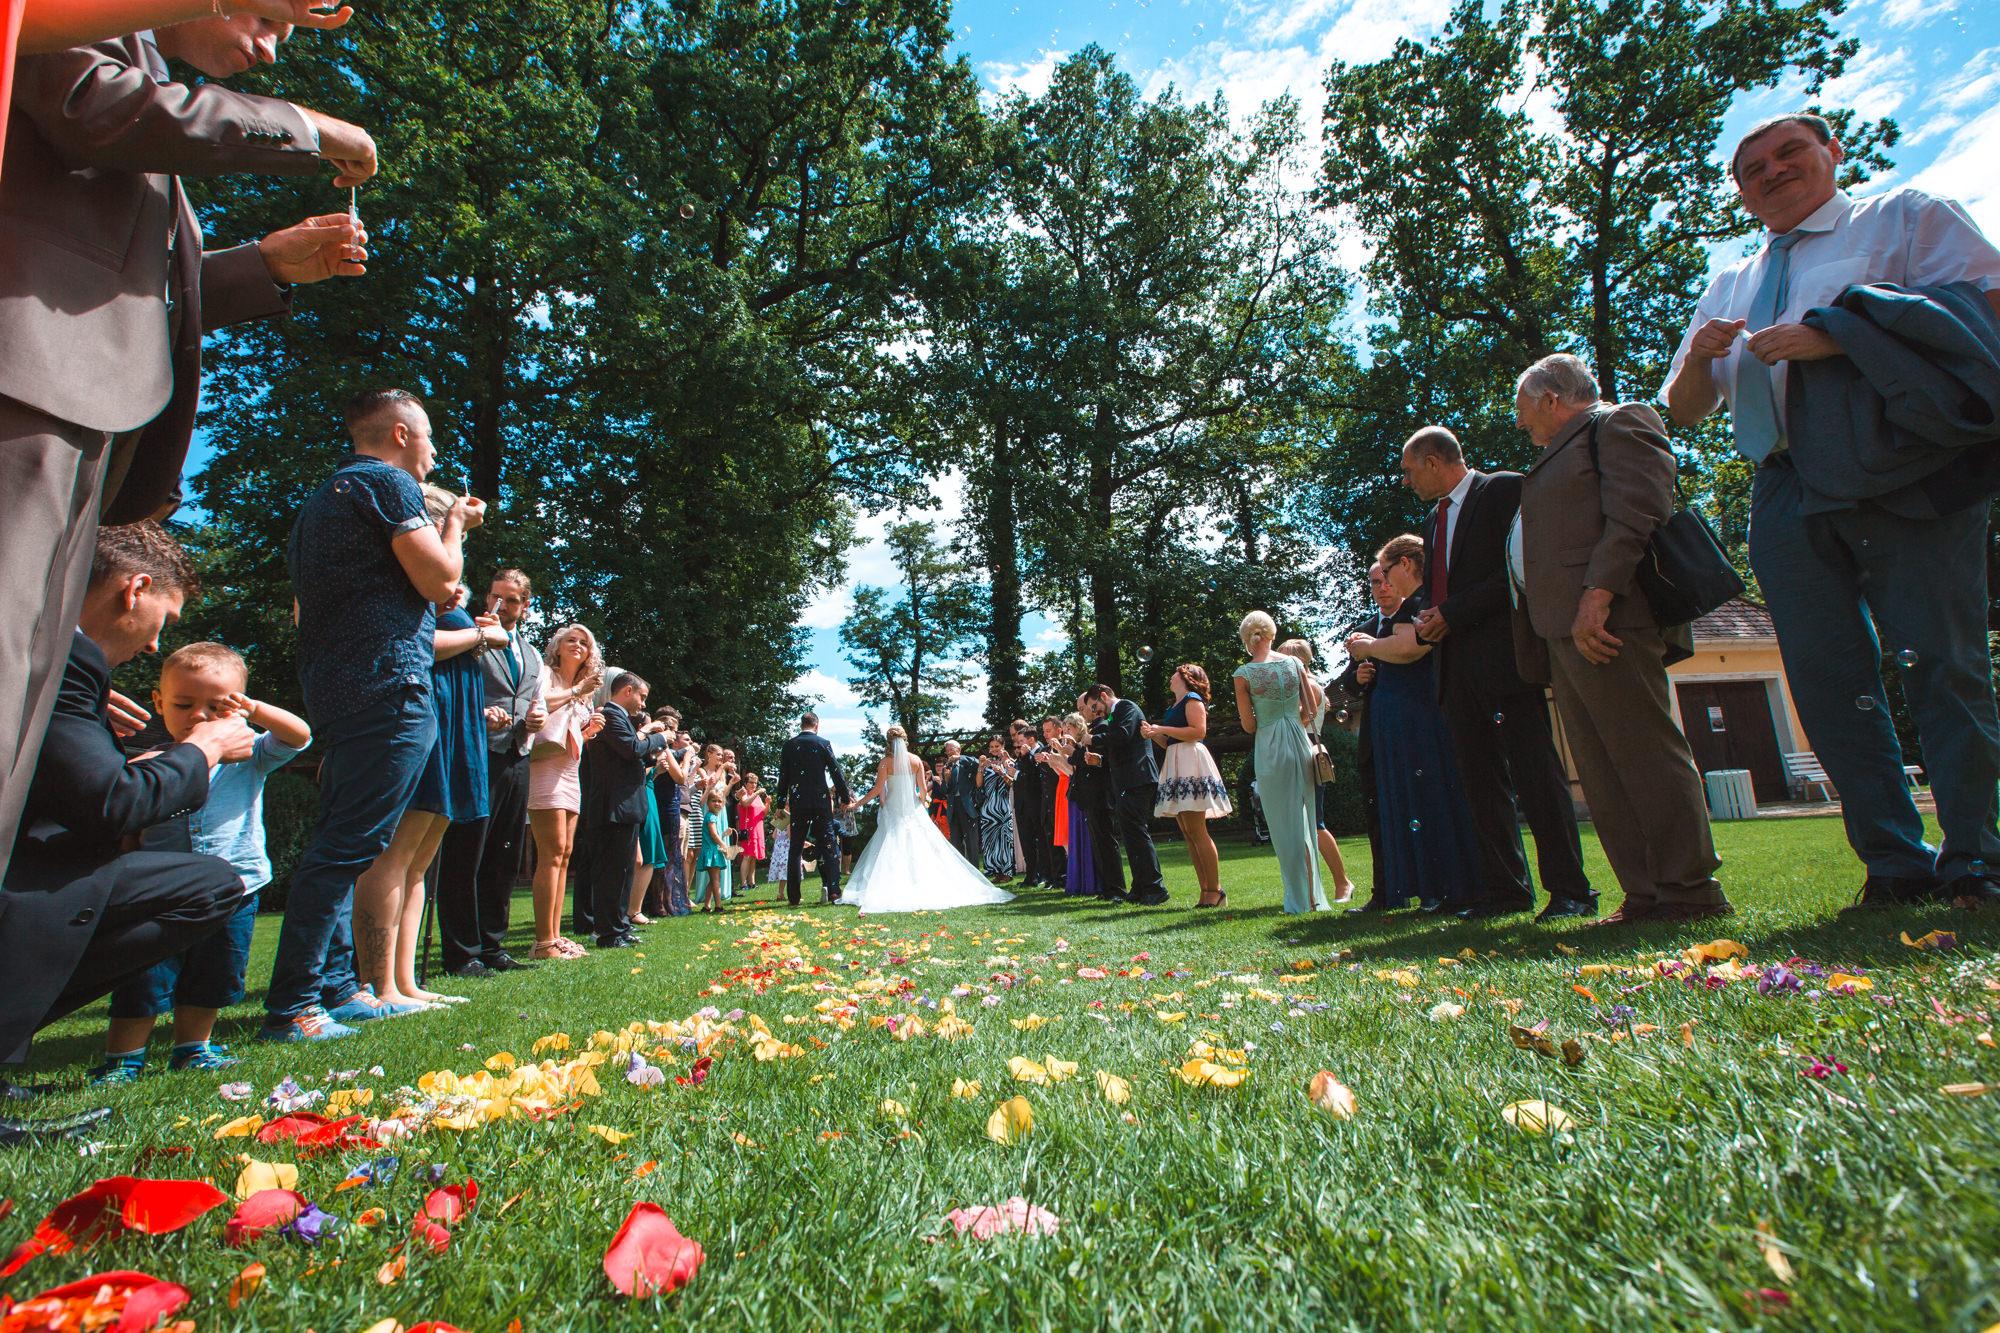 hochzeit-kleinert-wedding-photographer-maik-kleinert-canon-004.jpg